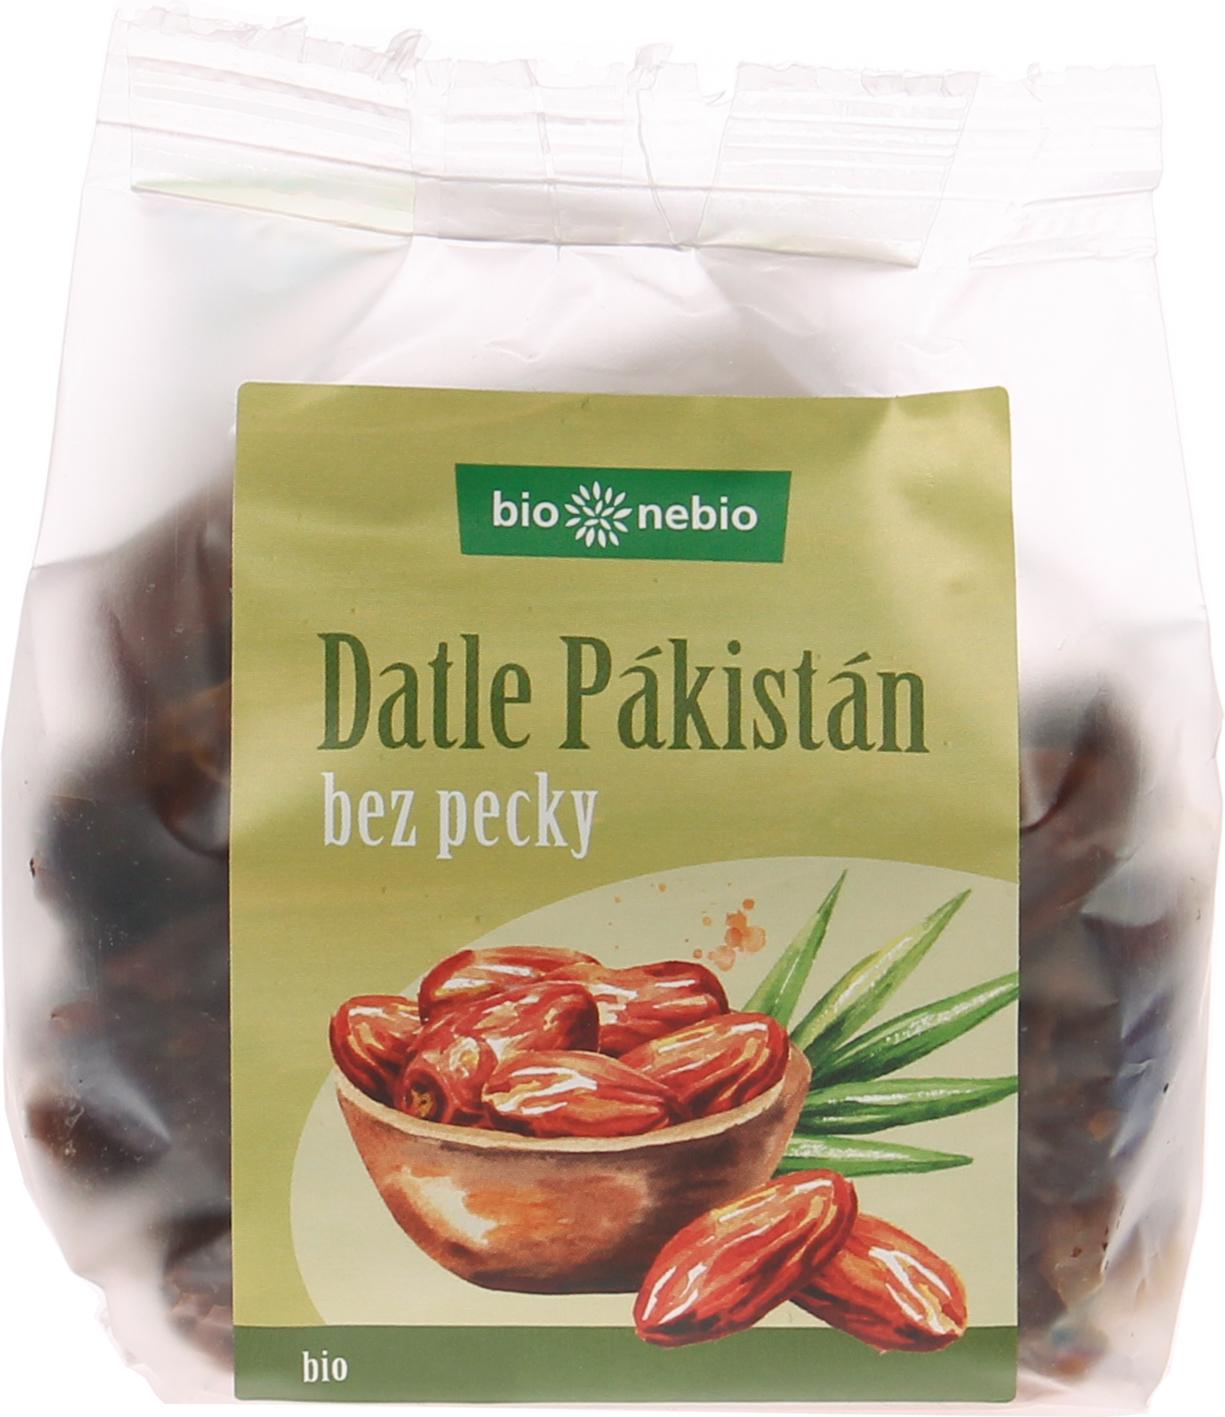 Bio sušené datle Pákistán vypeckované bio*nebio 200 g